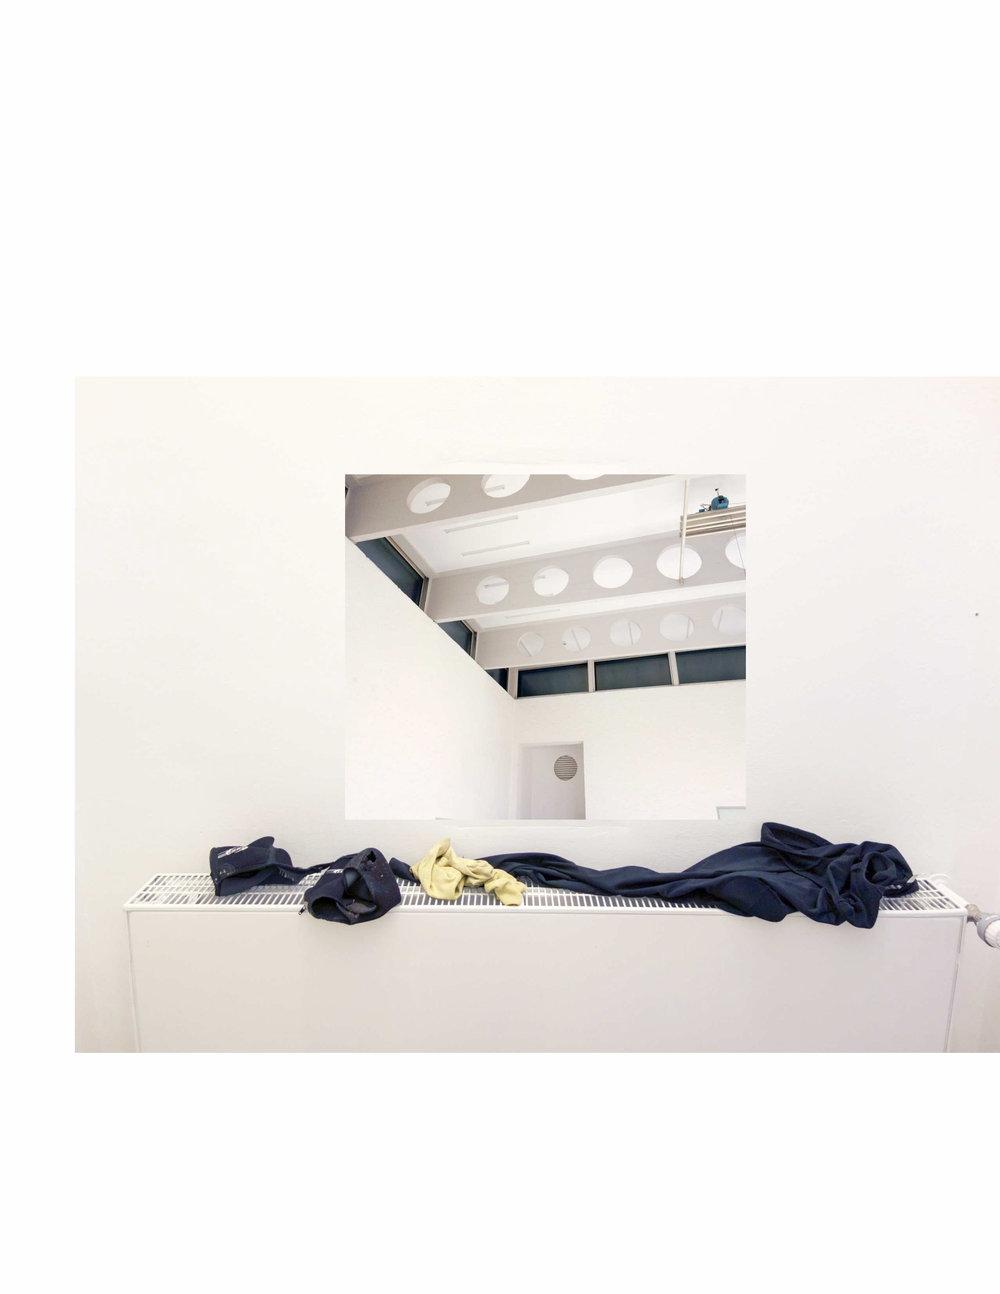 Städelschule-3.jpg